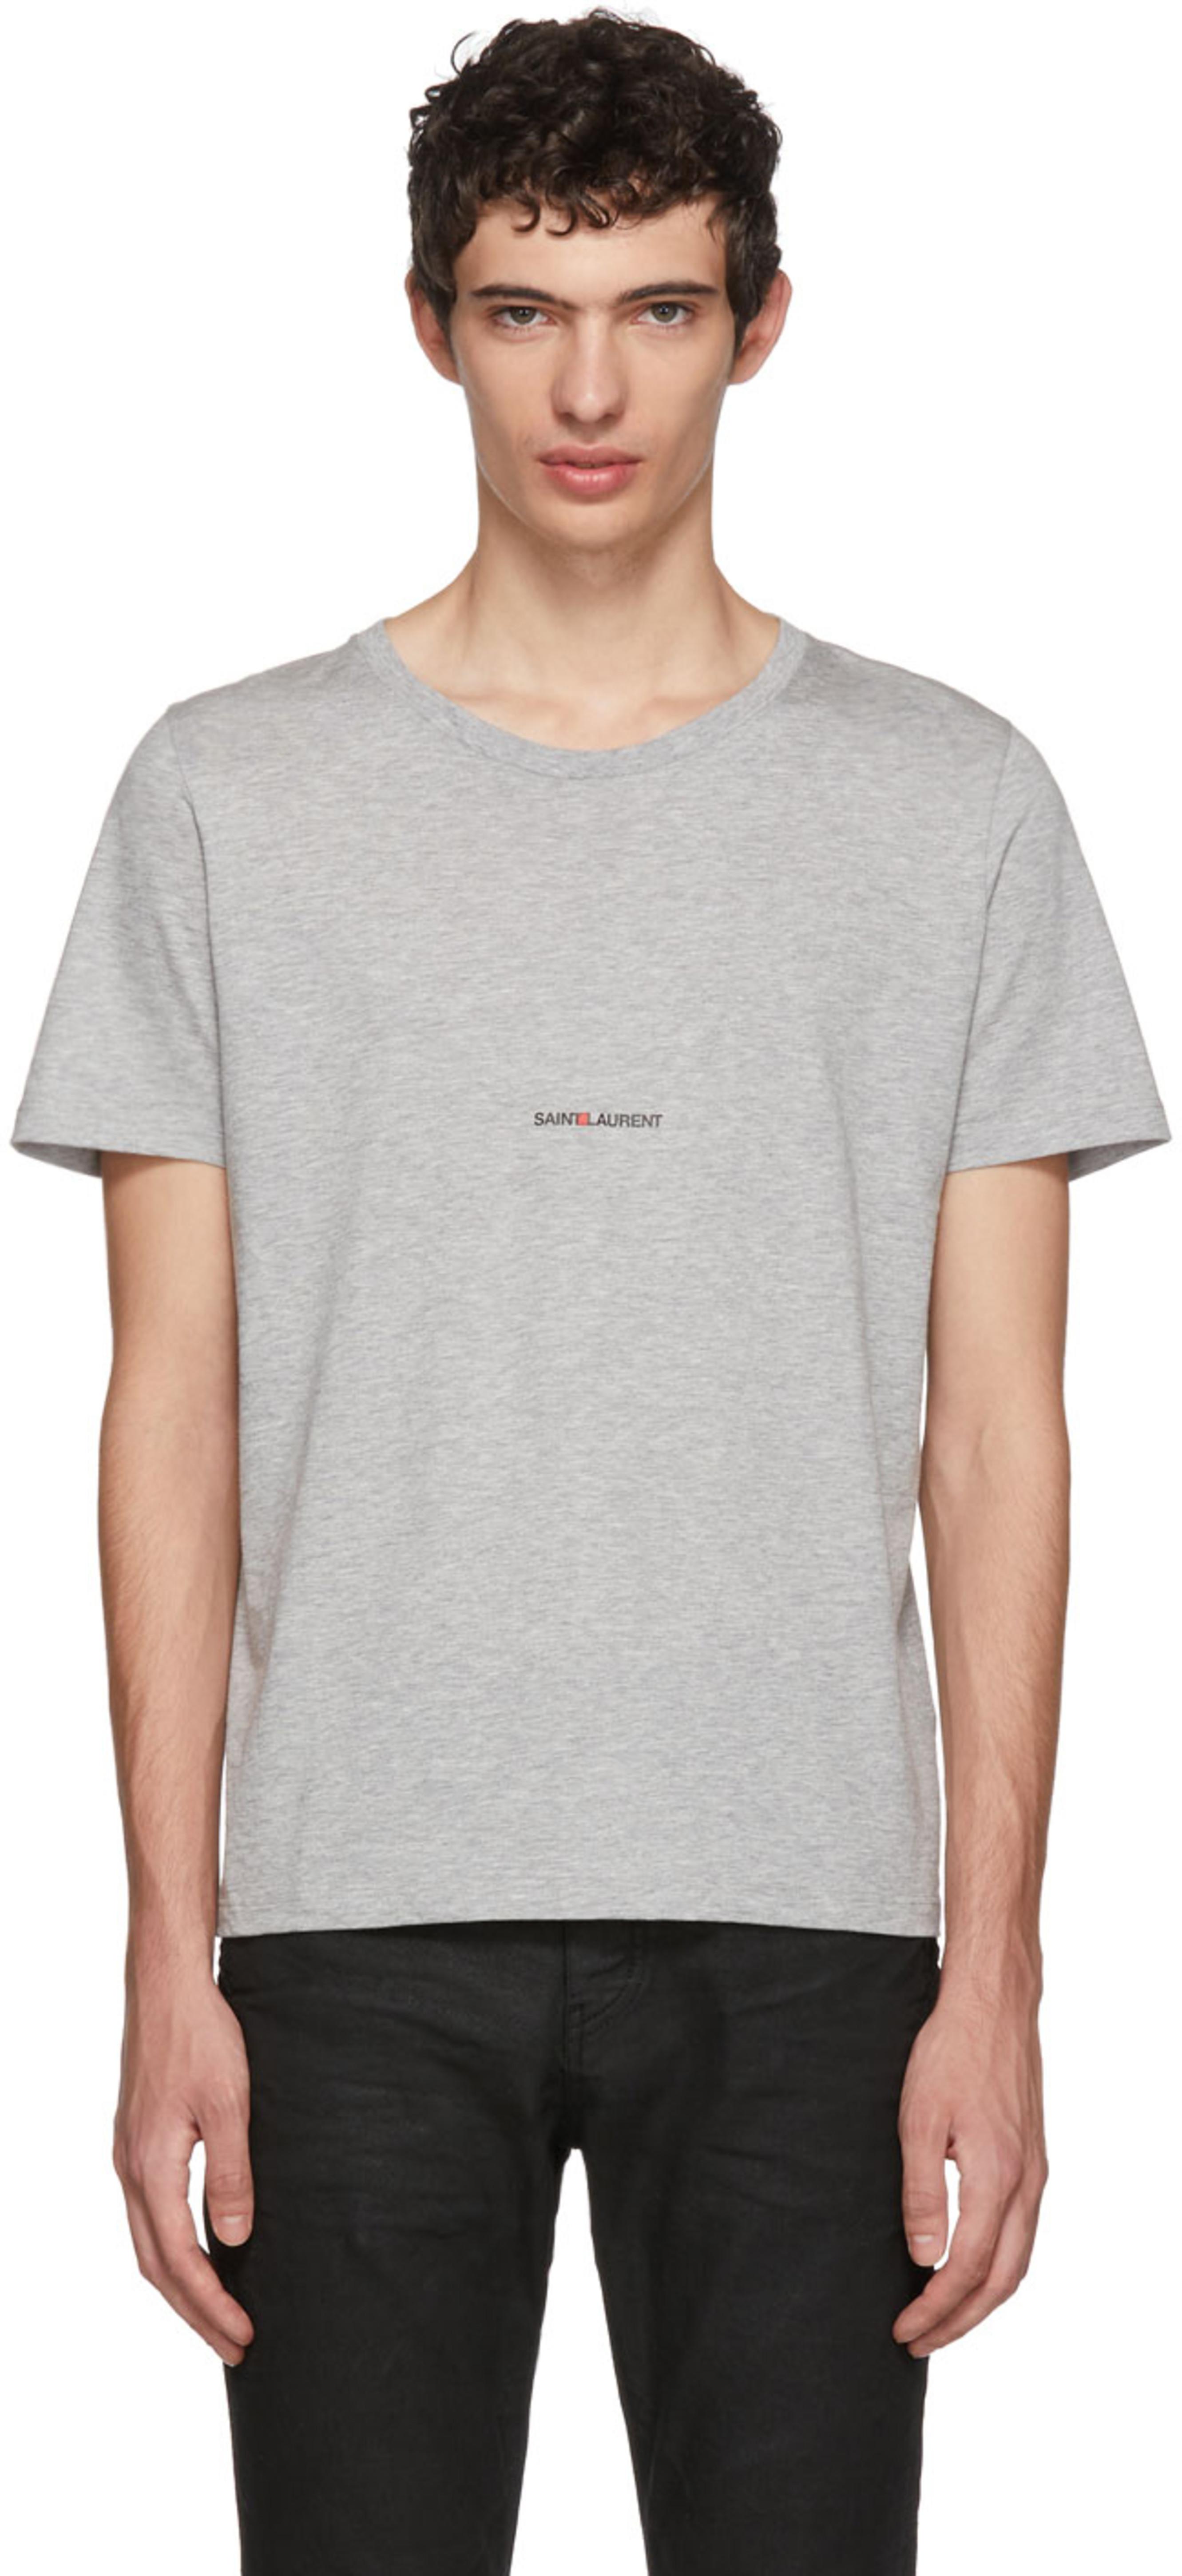 bb0f8a89 Saint Laurent clothing for Men | SSENSE